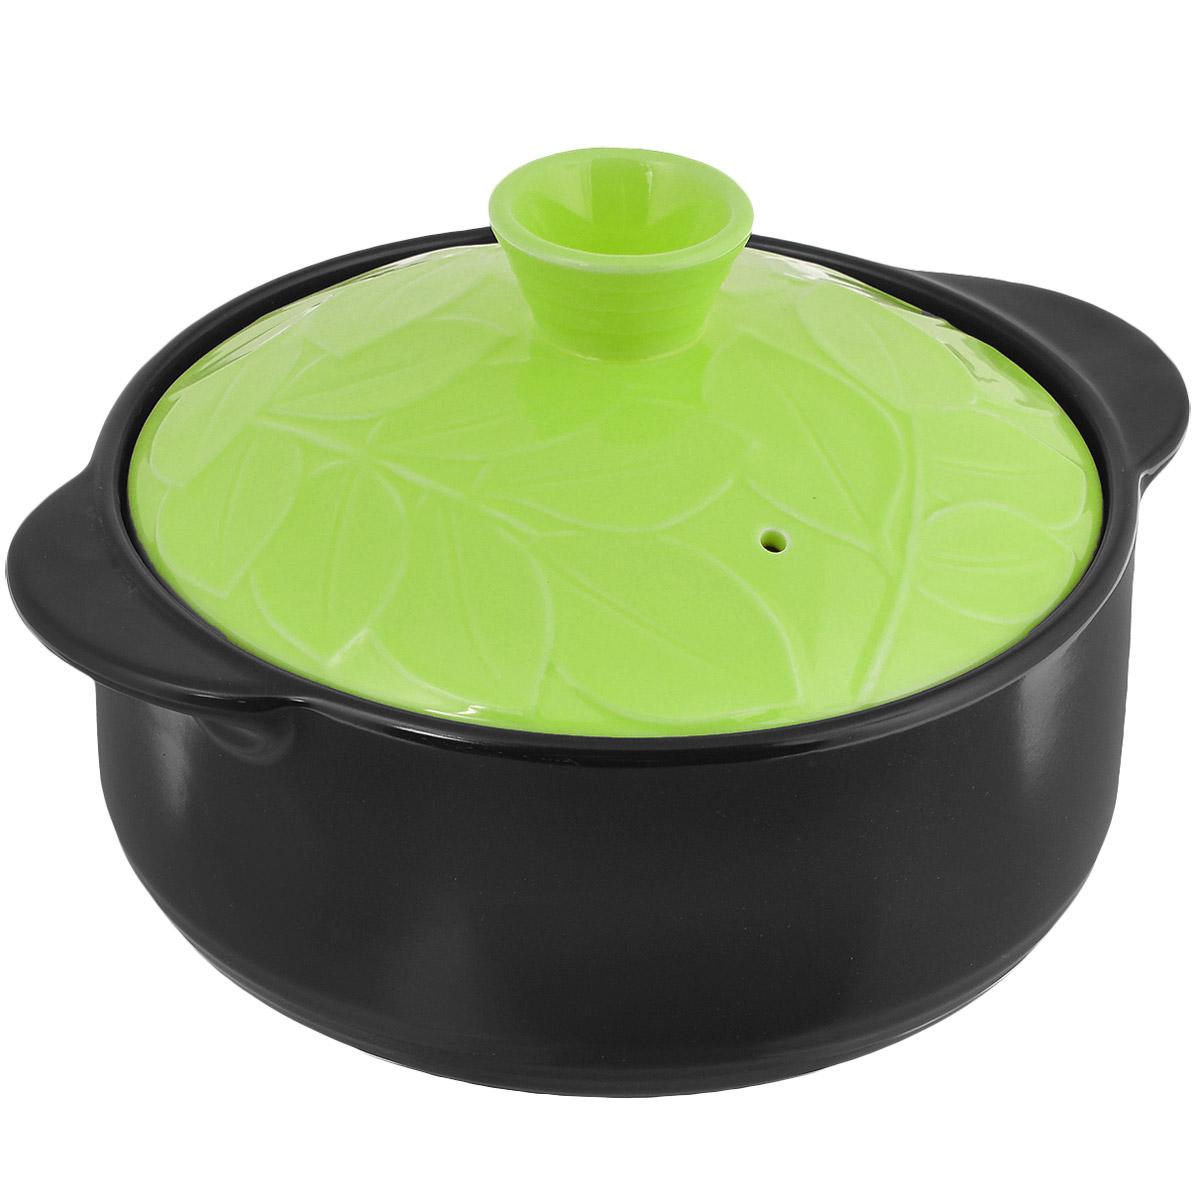 Кастрюля керамическая Hans & Gretchen с крышкой, цвет: зеленый, 2,2 л12NF-G20Кастрюля Hans & Gretchen изготовлена из экологически чистой жаропрочной керамики. Керамическая крышка кастрюли оснащена отверстием для выпуска пара. Кастрюля равномерно нагревает блюдо, долго сохраняя тепло и не выделяя абсолютно никаких примесей в пищу. Кастрюля не искажает, а даже усиливает вкус пищи. Крышка изделия оформлена рельефным изображением листьев. Превосходно служит для замораживания продуктов в холодильнике (до -20°С). Кастрюля устойчива к химическим и механическим воздействиям. Благодаря толстым стенкам изделие нагревается равномерно. Кастрюля Hans & Gretchen прекрасно подойдет для запекания и тушения овощей, мяса и других блюд, а оригинальный дизайн и яркое оформление украсят ваш стол. Можно мыть в посудомоечной машине. Кастрюля предназначена для использования на газовой и электрической плитах, в духовке и микроволновой печи. Не подходит для индукционных плит. Высота стенки: 9 см. Ширина кастрюли (с учетом ручек): 25 см. ...